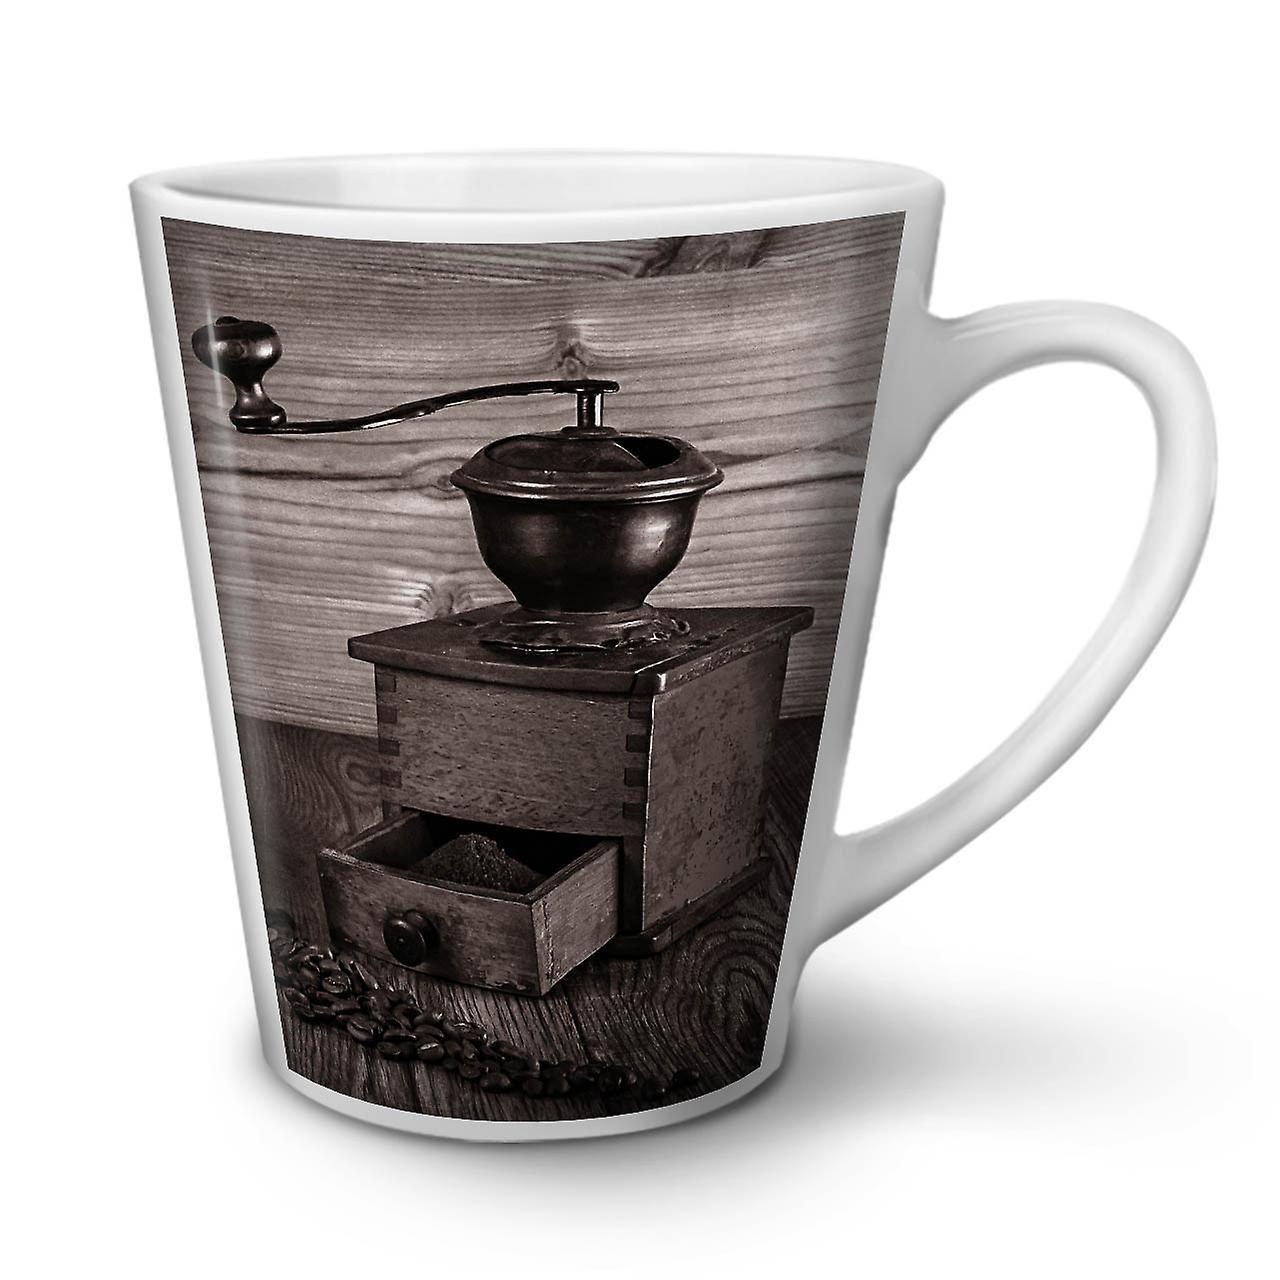 OzWellcoda 12 En Nouvelle Tasse Café Cool Ancien Latte Céramique Blanche 5A4R3jL